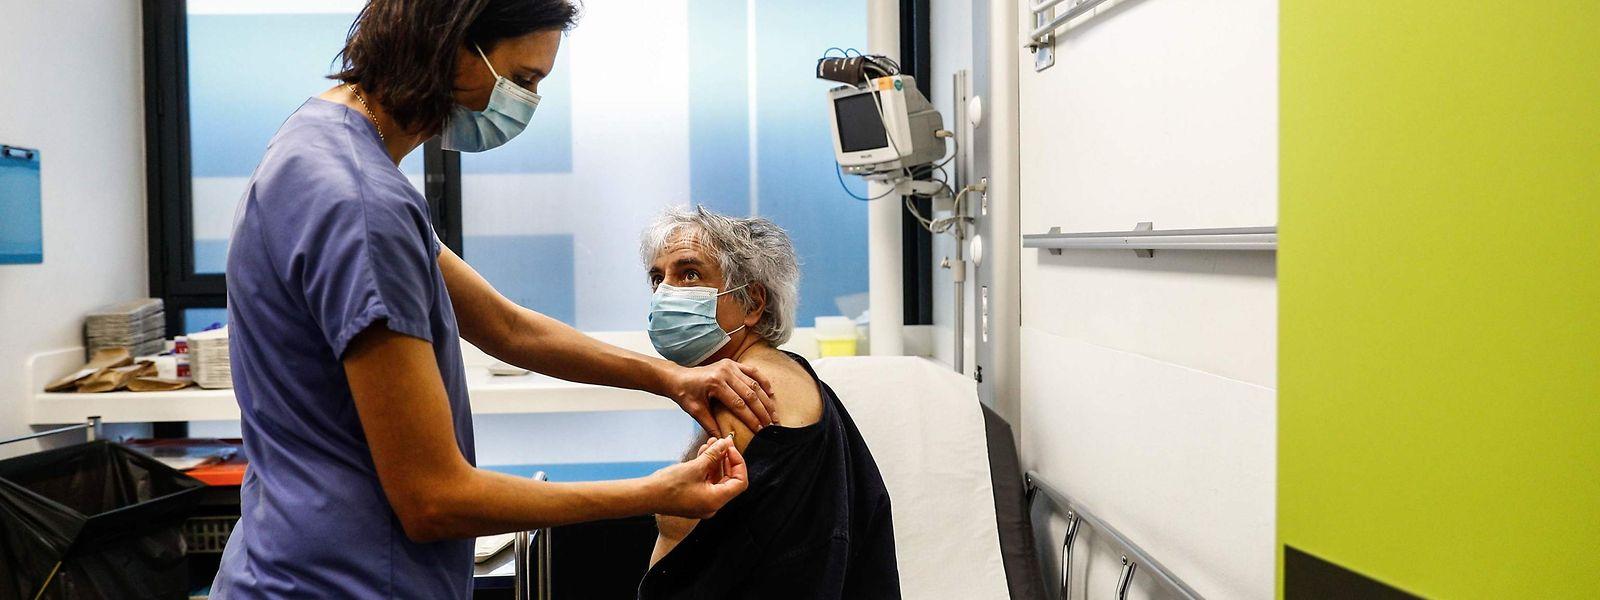 Eine ältere Frau wird am Samstag im Krankenhaus Hôtel-Dieu de Paris gegen das Corona-Virus geimpft. Bislang wurden in Frankreich nur einige hundert Personen geimpft.